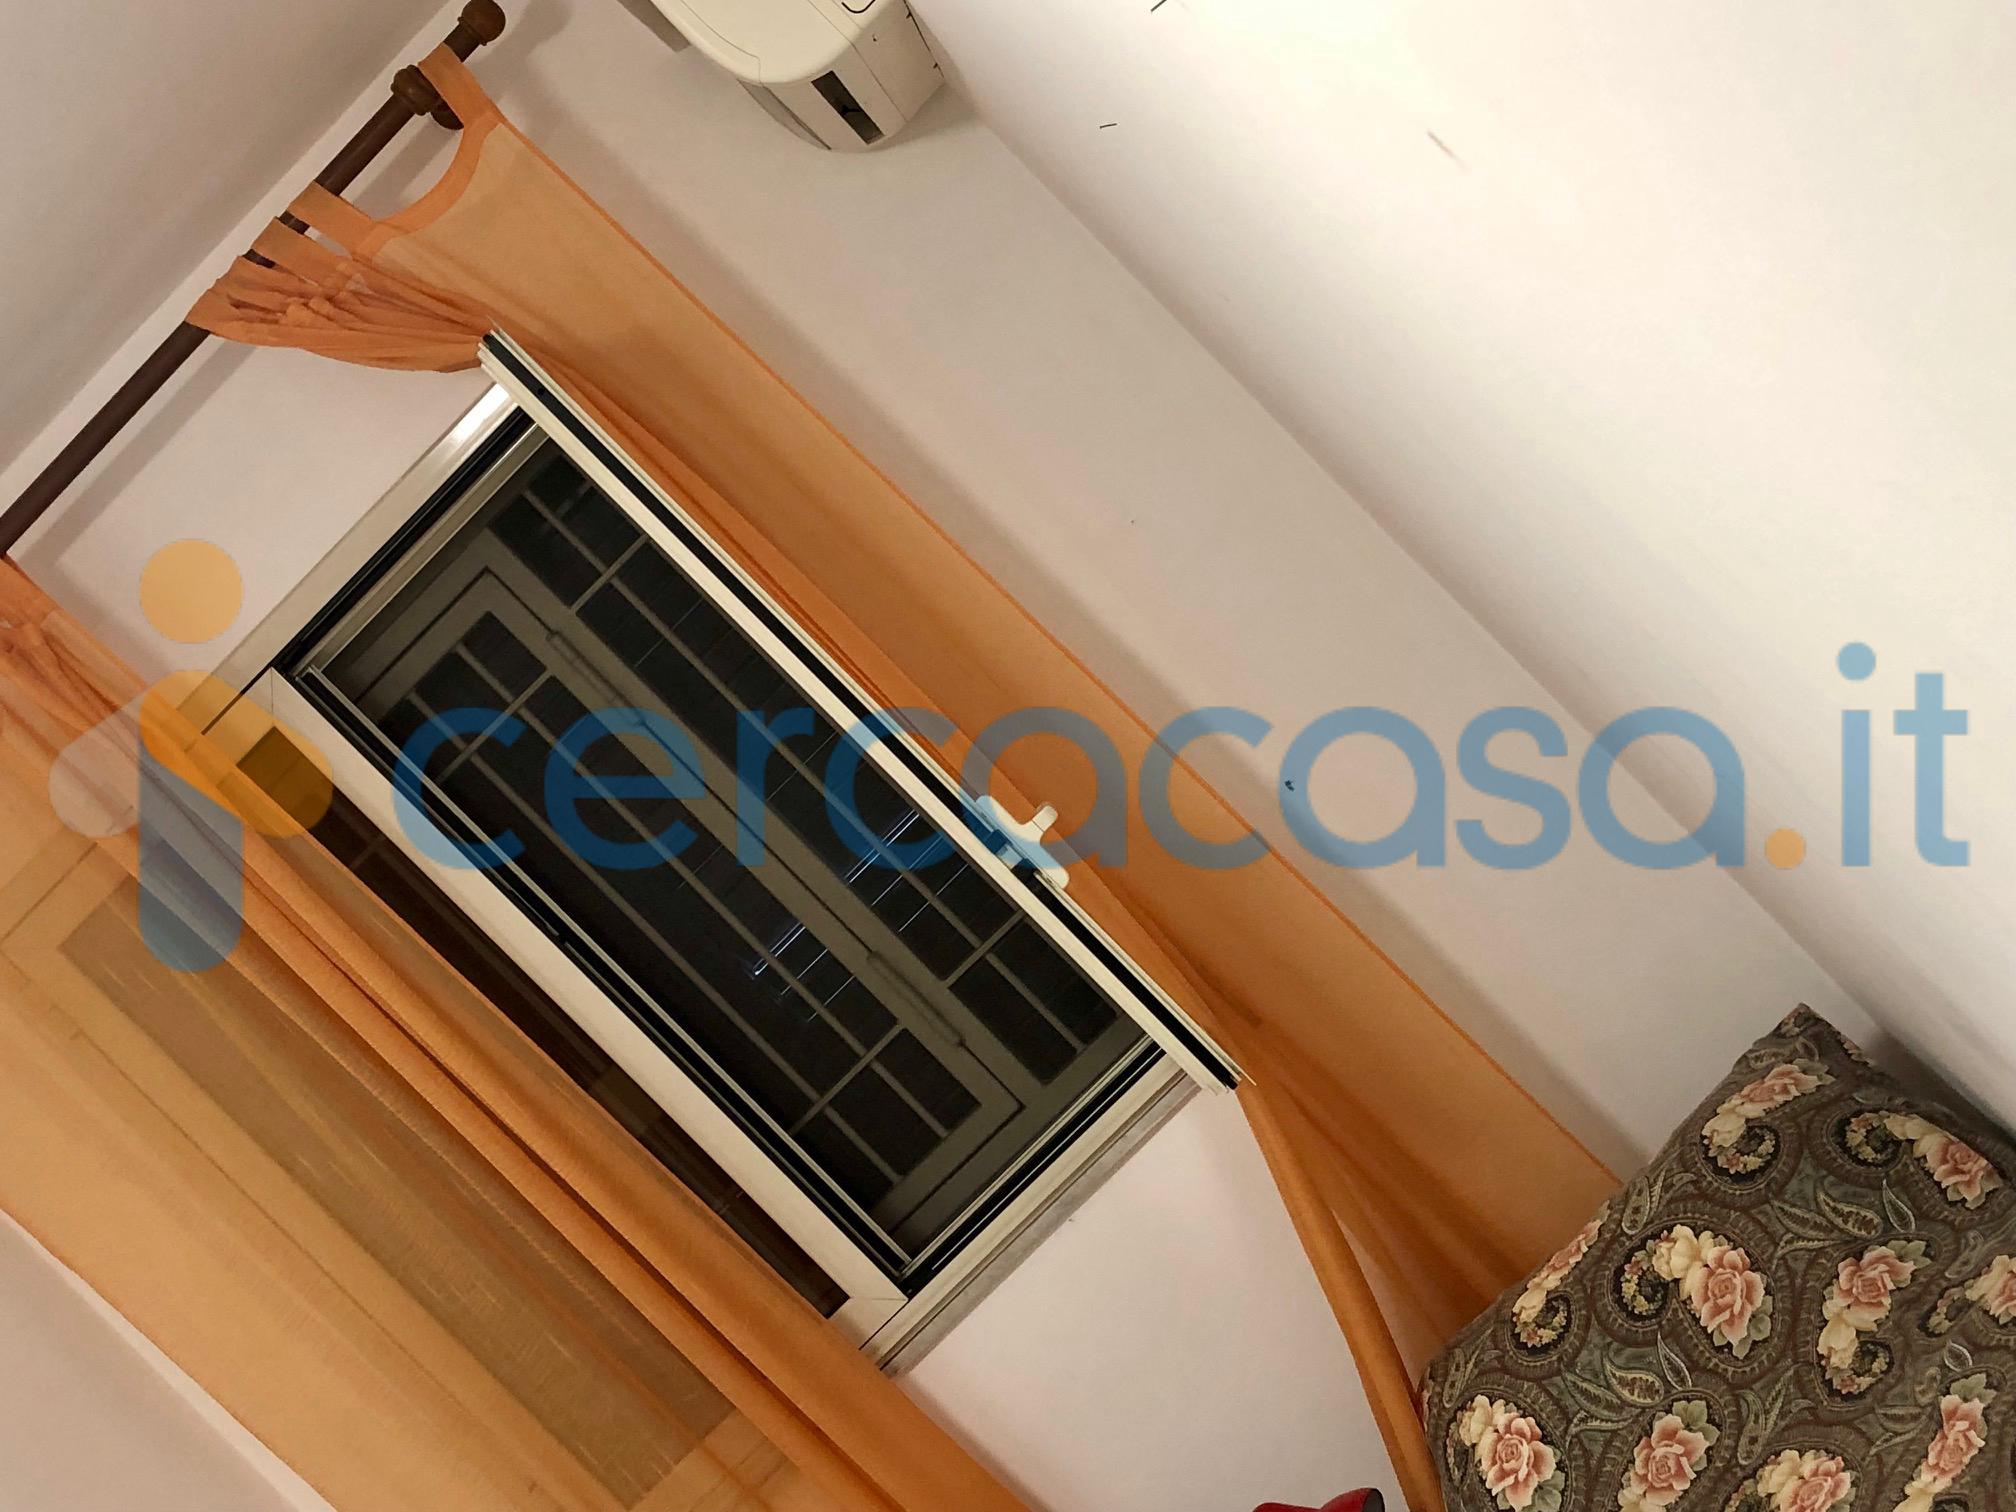 _c_o_d-2602-_acicastello-centro-affittasi-appartamento-3__002c5-vani-arredato